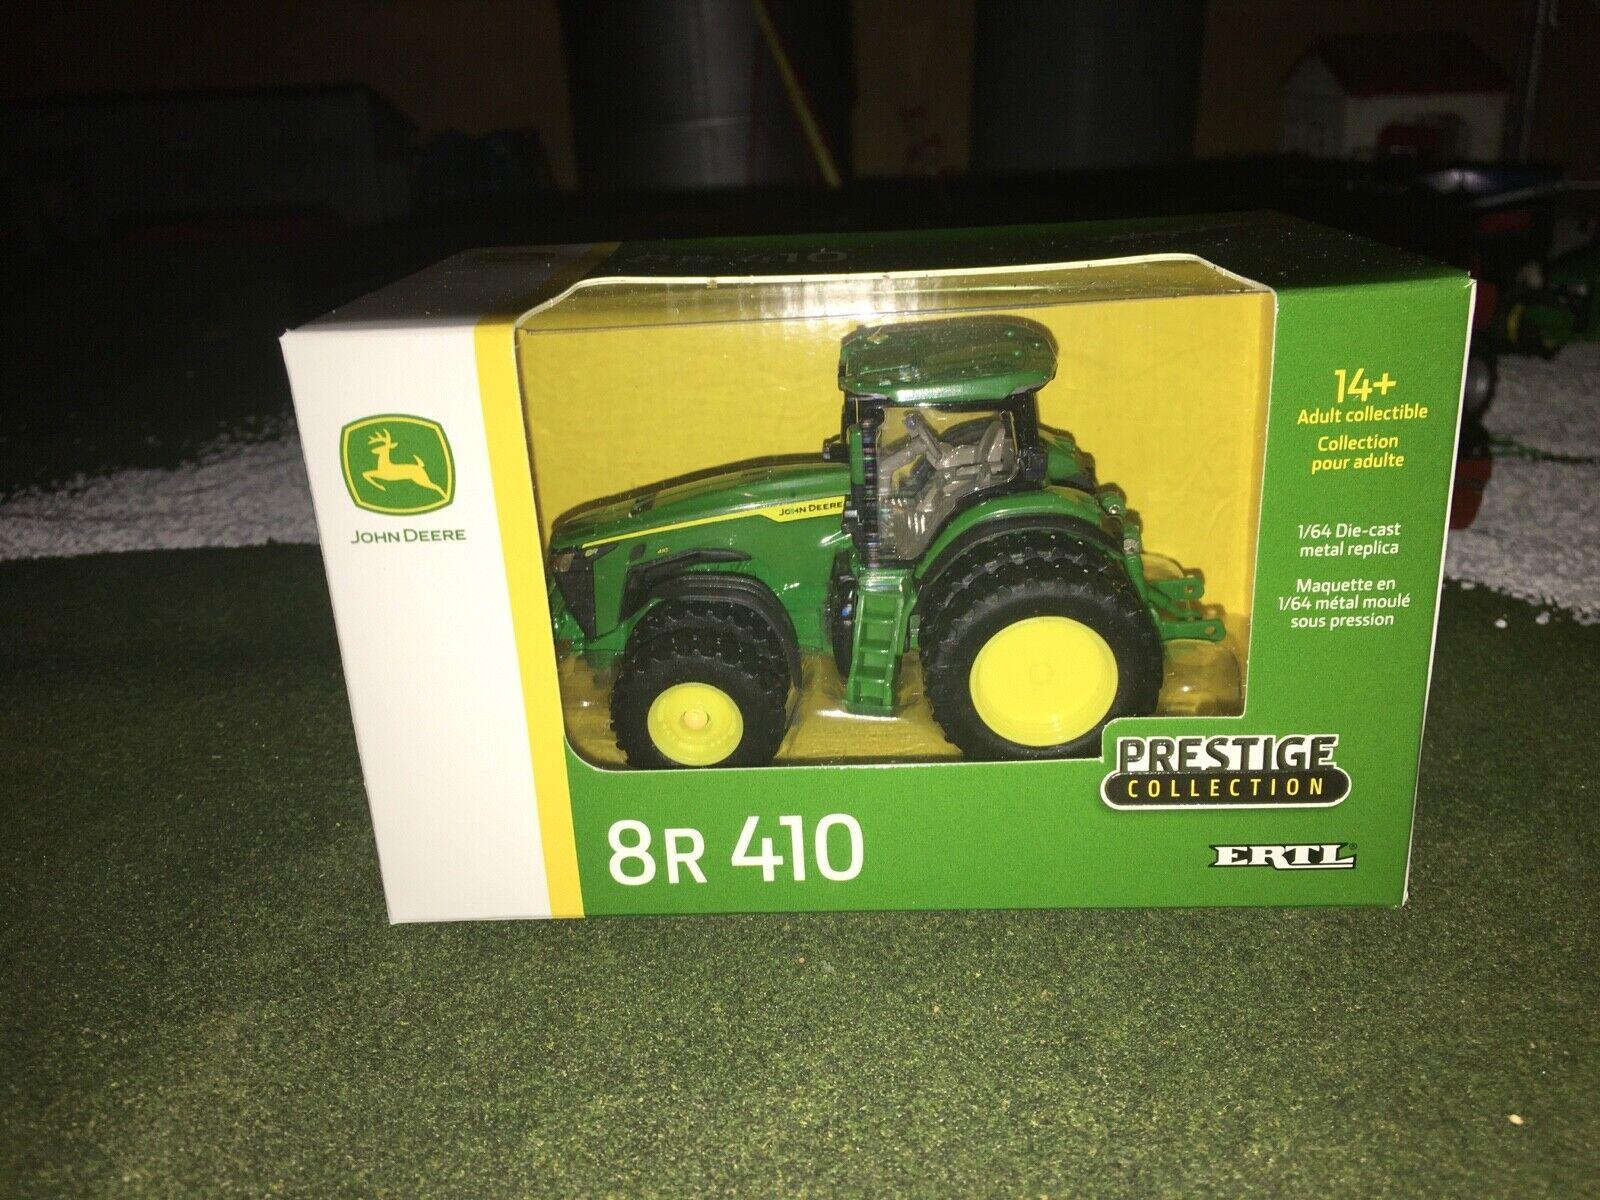 1/64 Ertl John Deere 8R 410 Prestige Collection Tractor w/ Duals